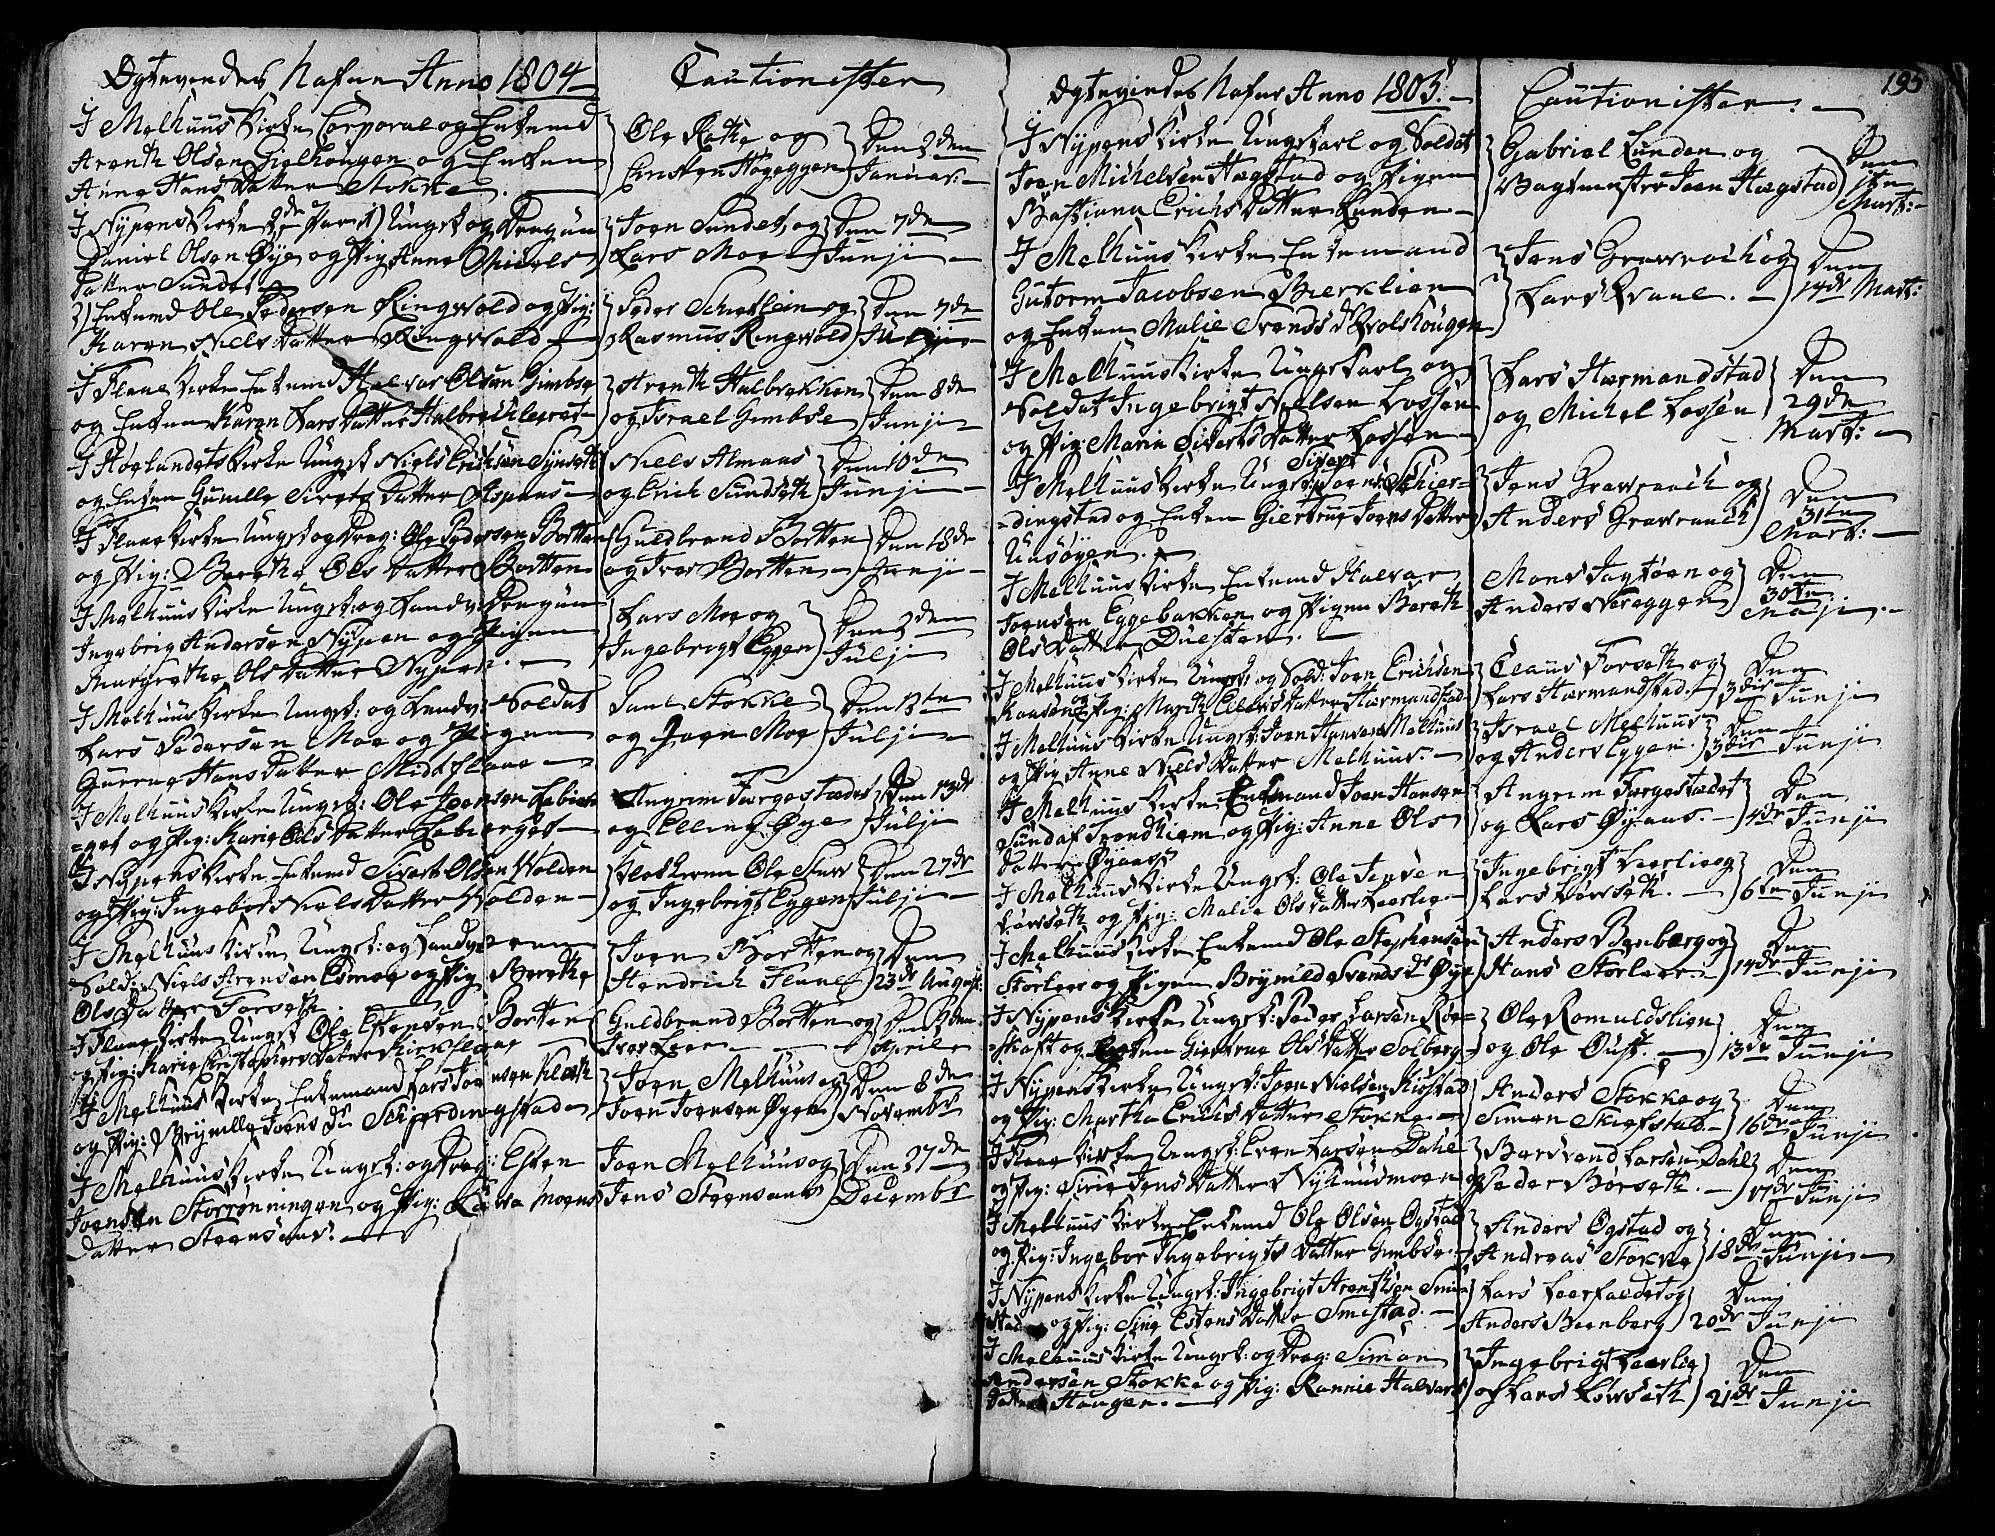 SAT, Ministerialprotokoller, klokkerbøker og fødselsregistre - Sør-Trøndelag, 691/L1061: Ministerialbok nr. 691A02 /1, 1768-1815, s. 195